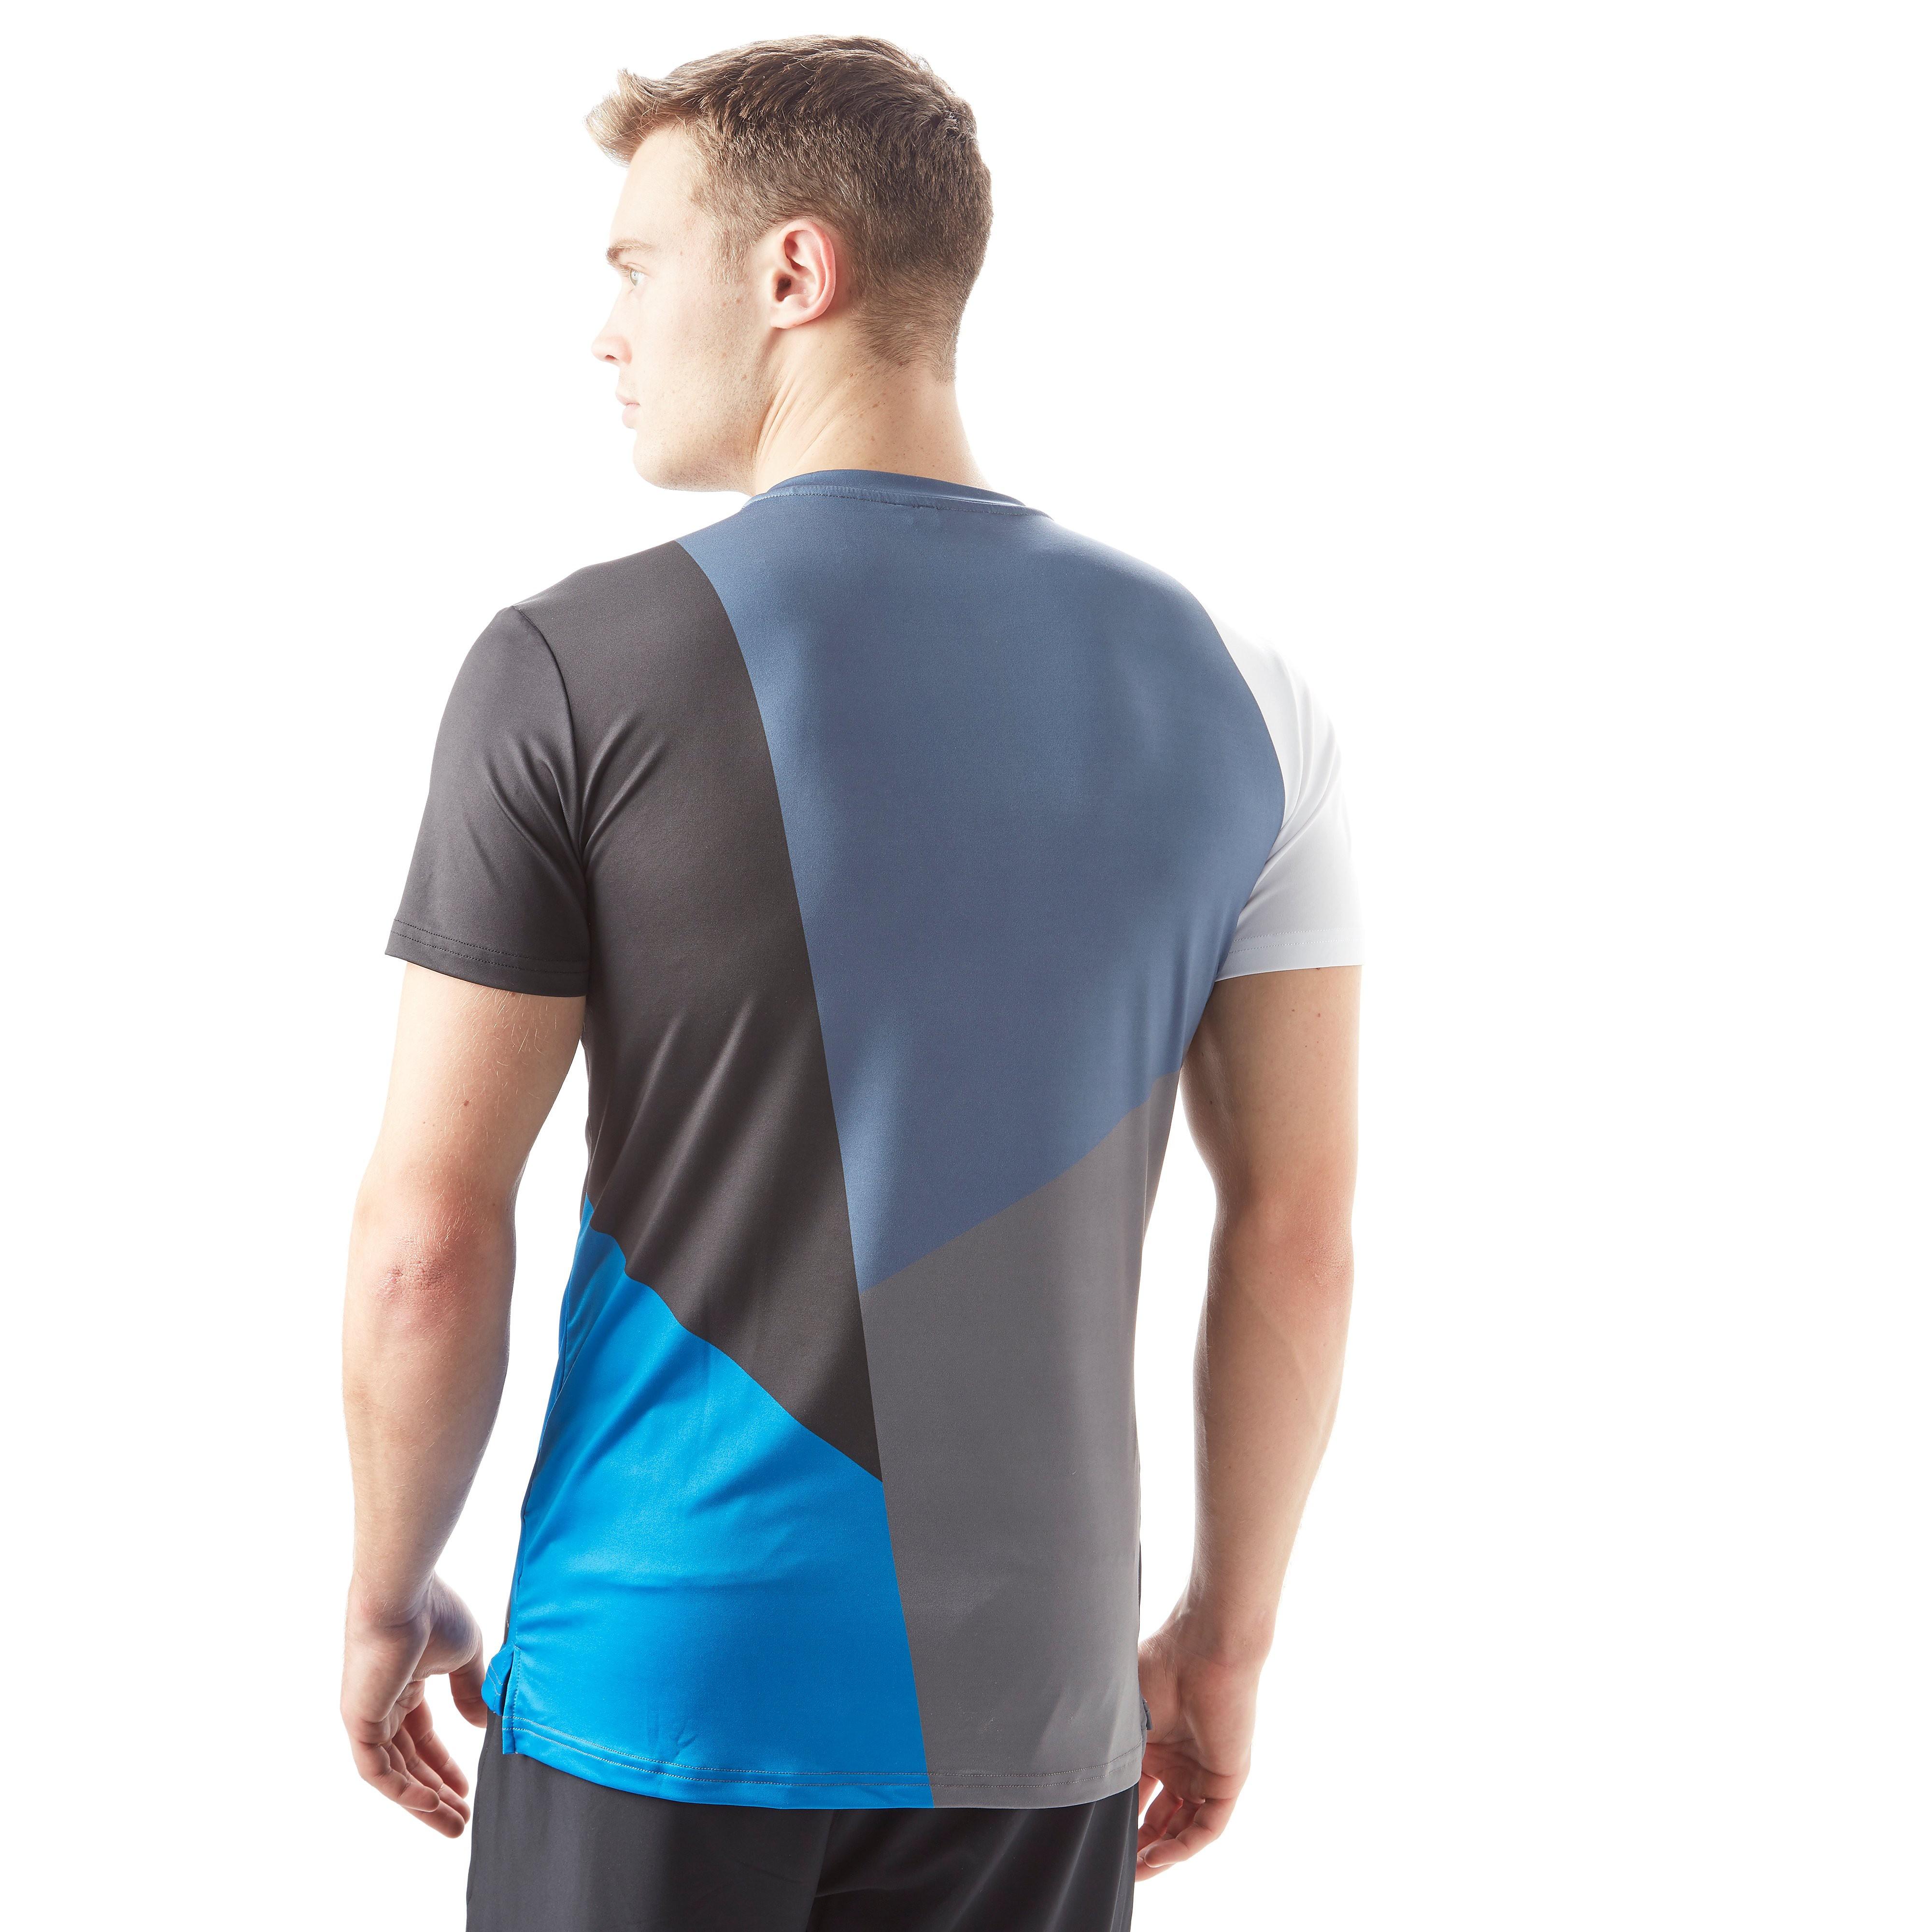 Bjorn Borg Tate Men's Training T-Shirt